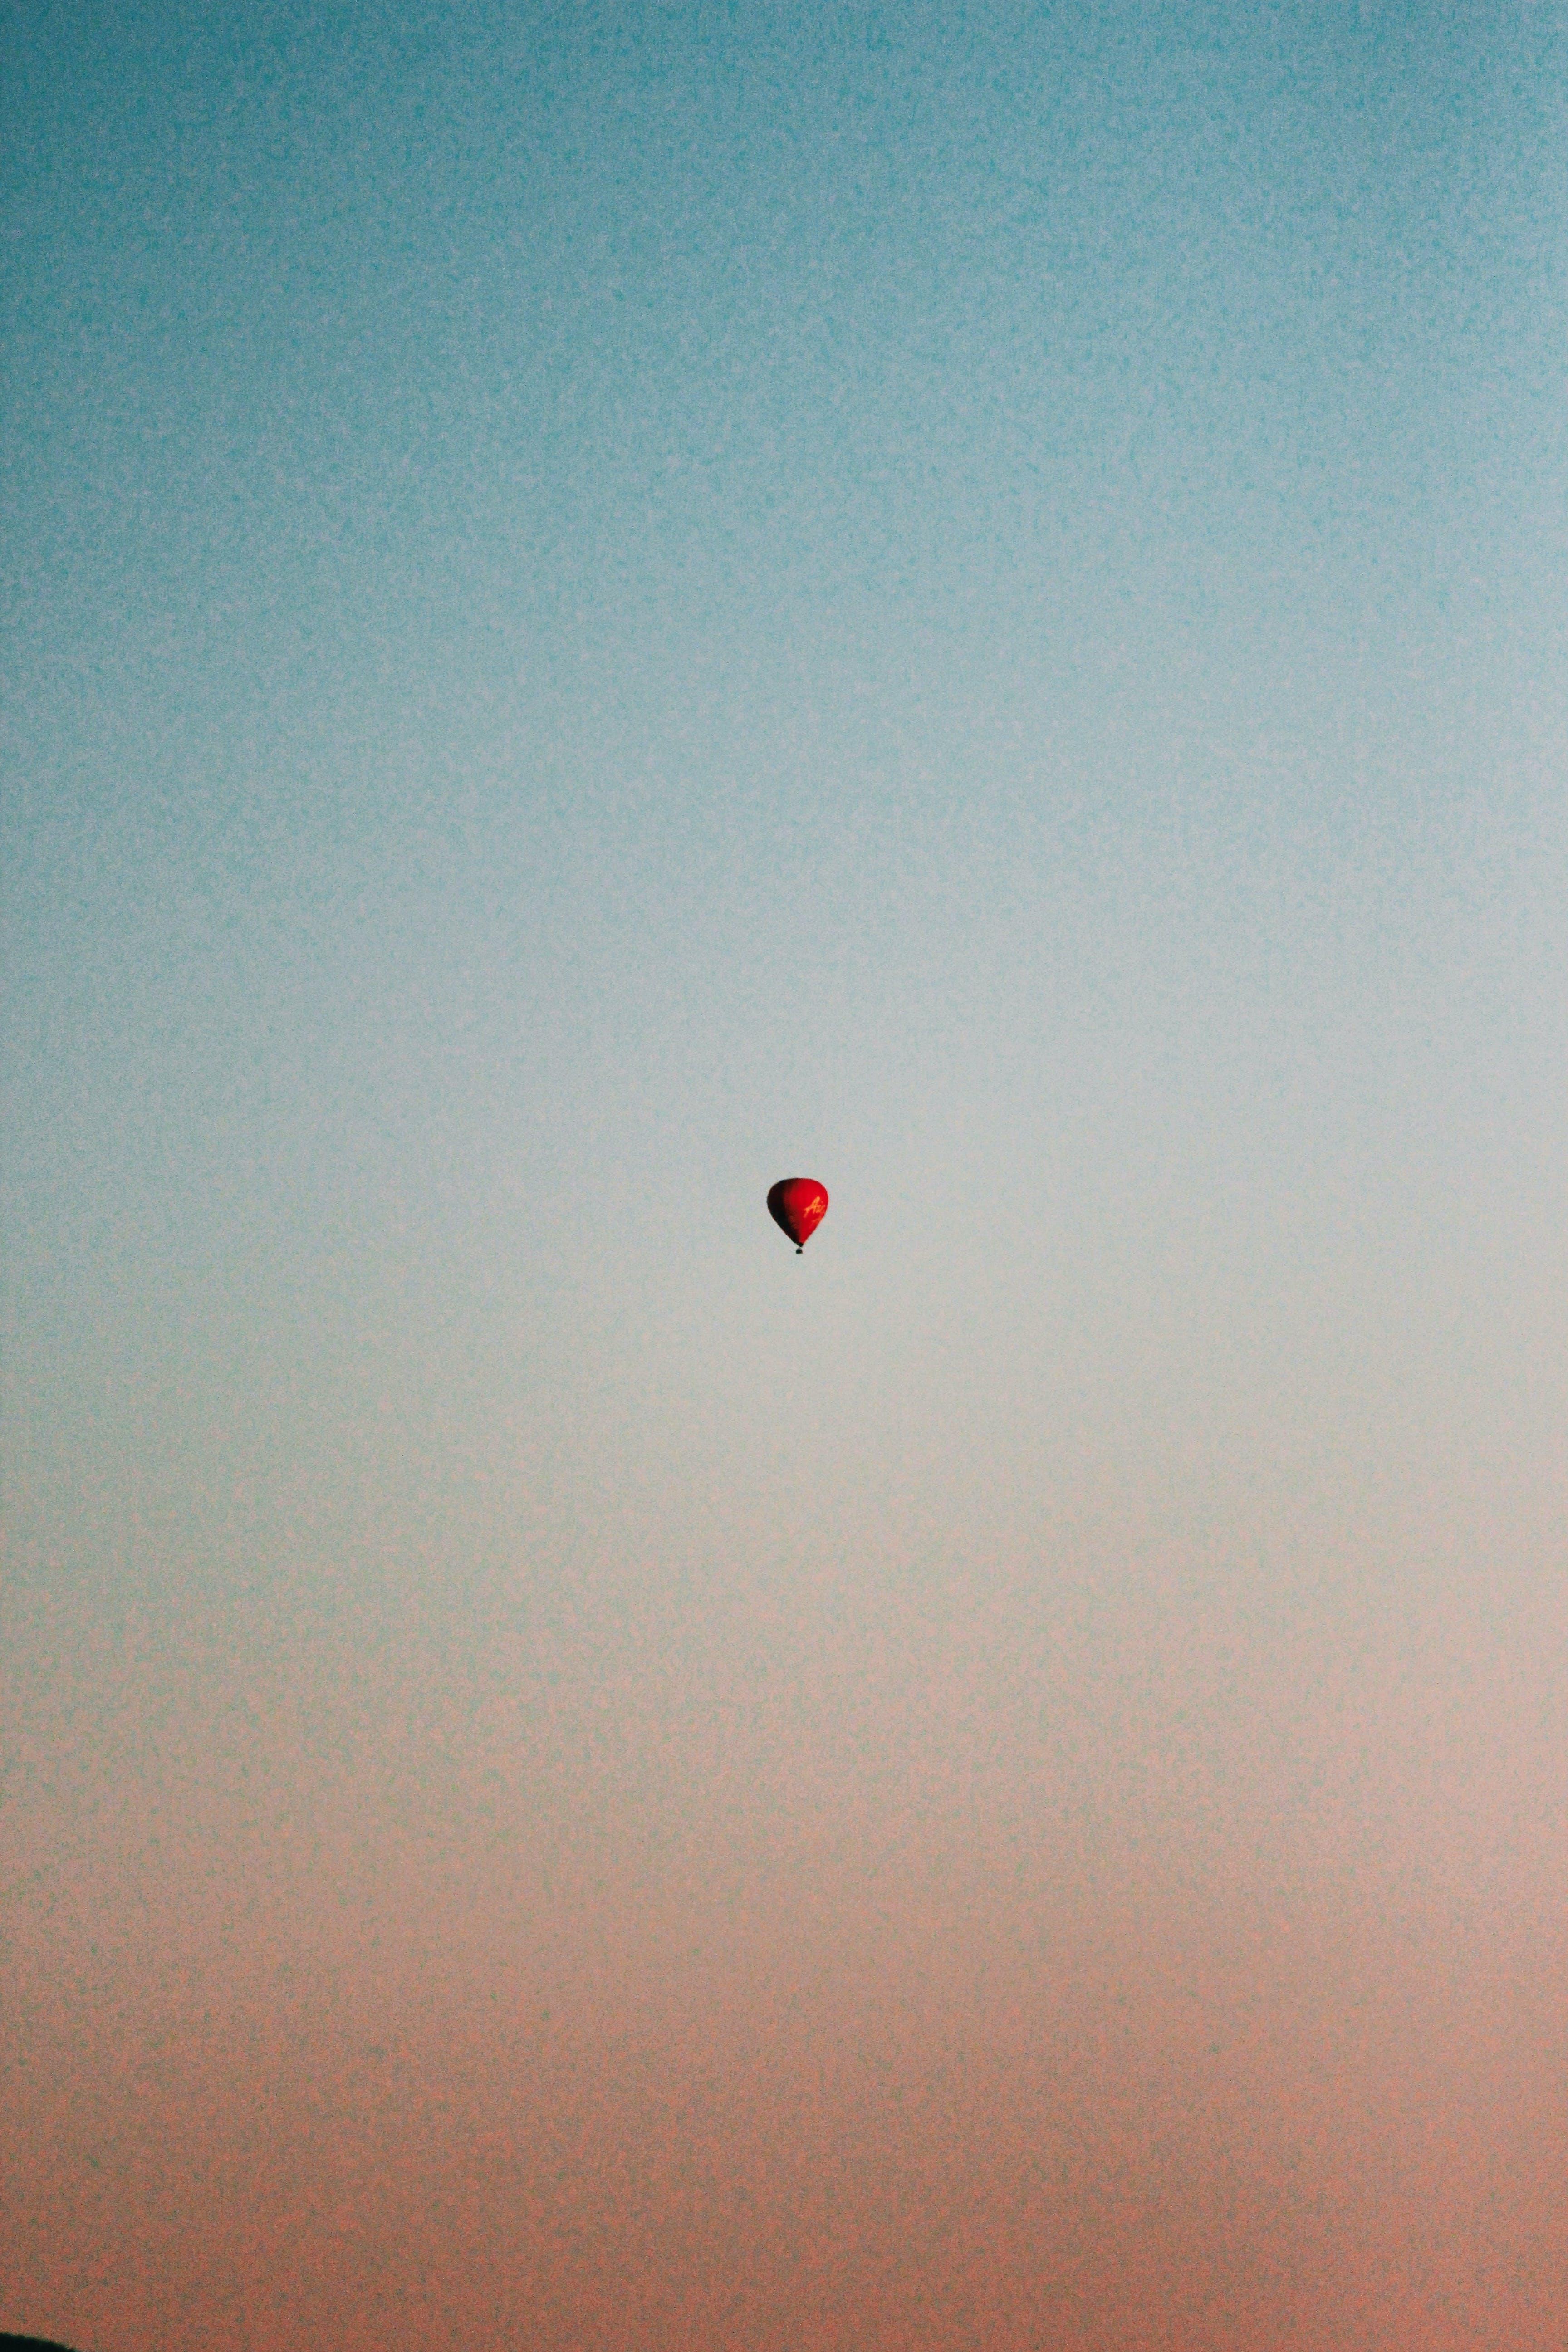 abenteuer, ballon, erholung